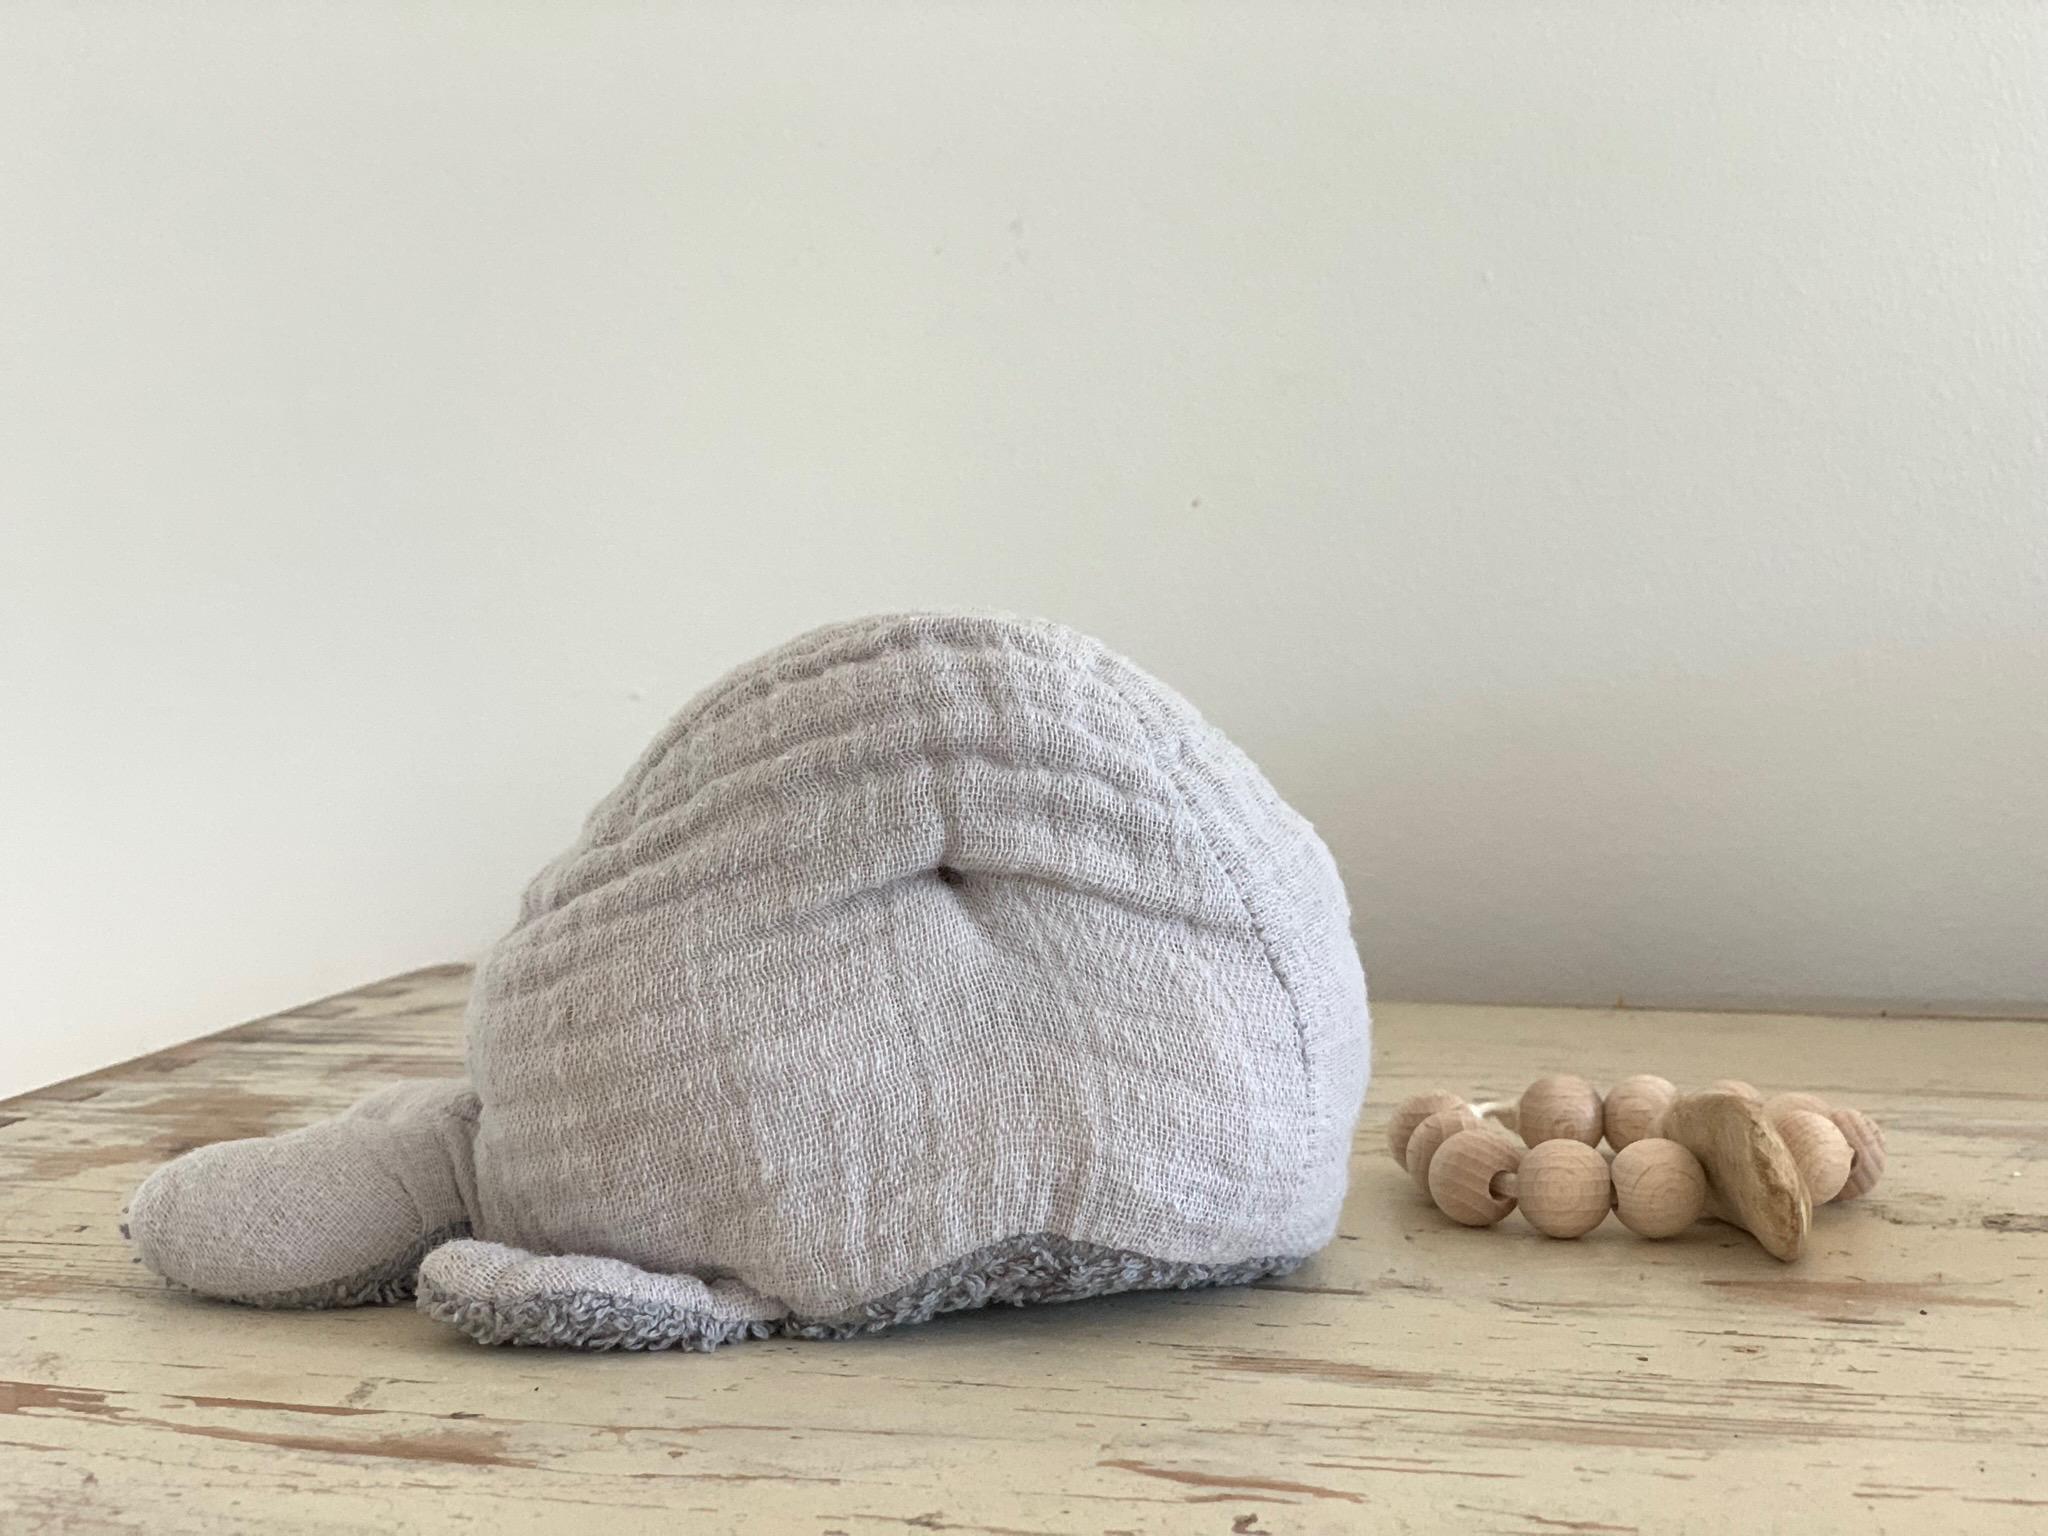 Anleitung Kleiner Wal zum Nähen als süßes kleines Geschenk für kleine Erdenbürger